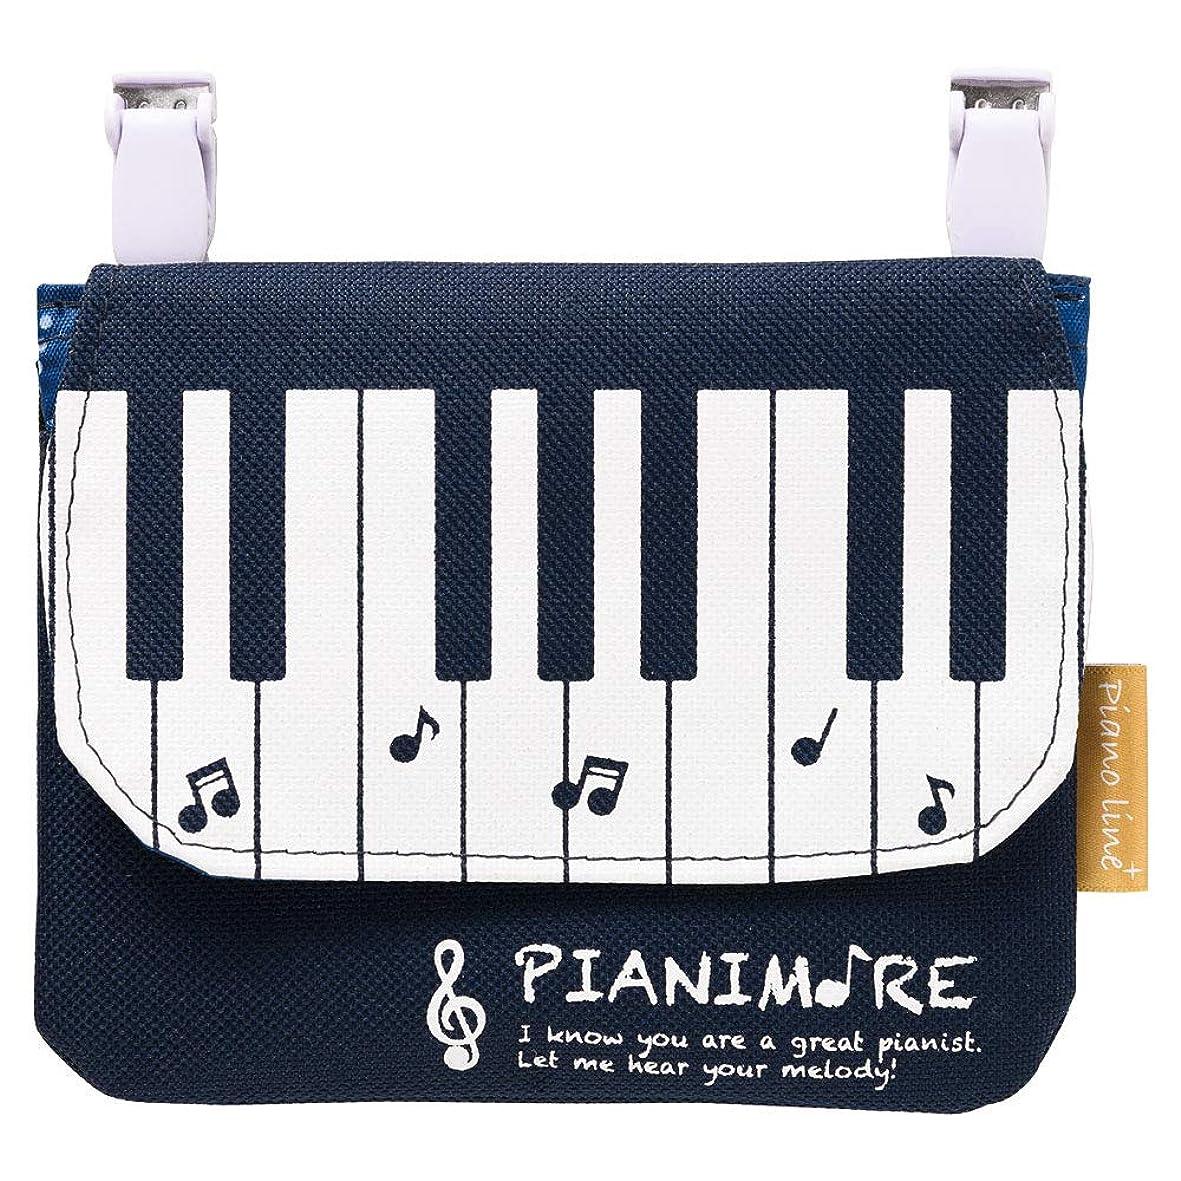 委員会欠陥世界Pianimore ポケットポーチ 鍵盤柄 移動ポケット ティッシュ入れ付き 女の子用